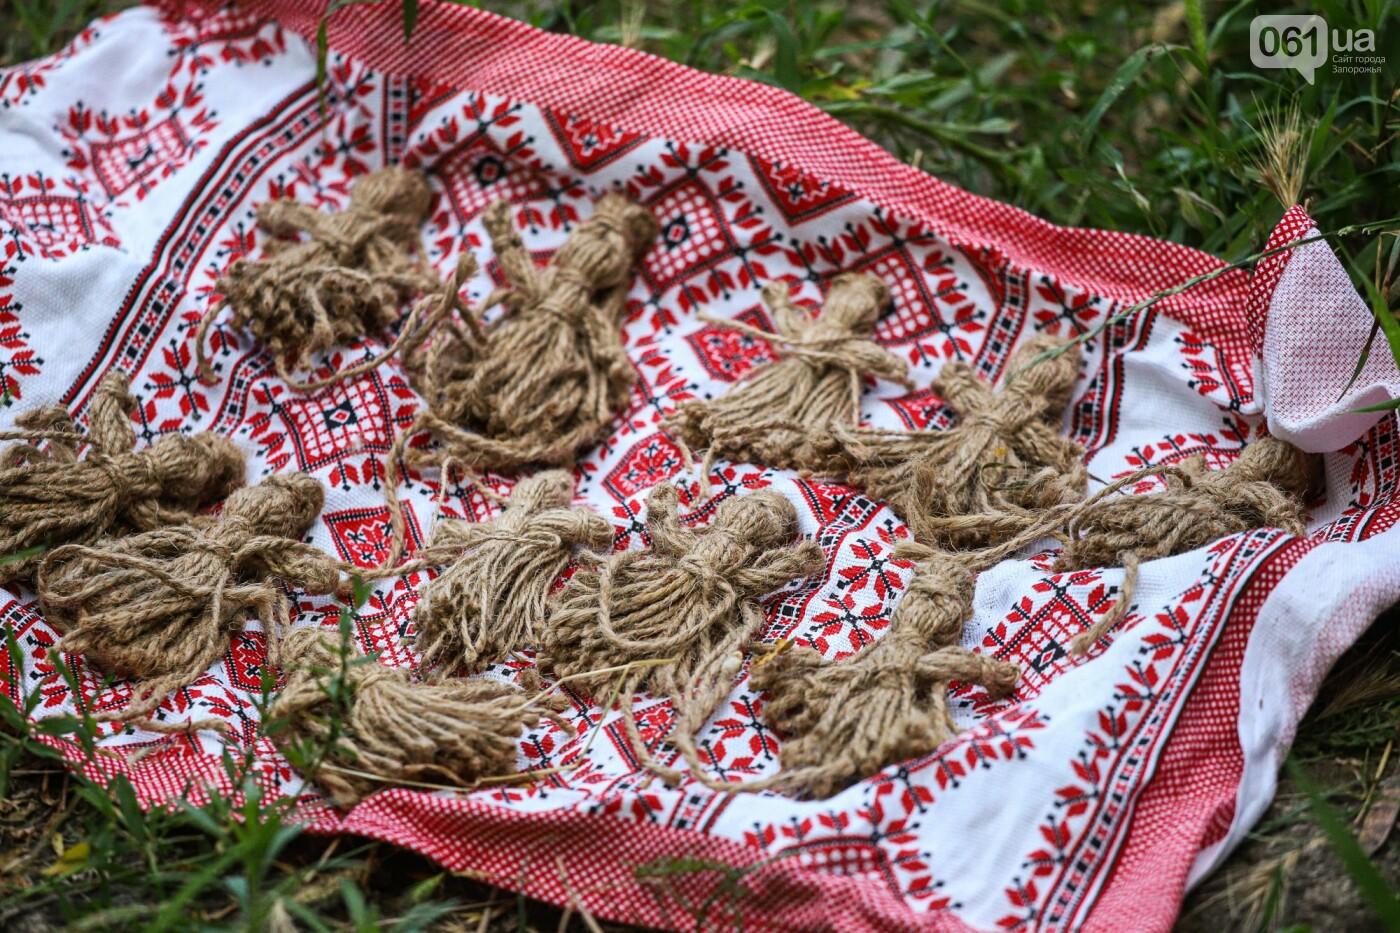 Огонь и дубовые венки: как на Хортице отметили праздник Перуна, - ФОТОРЕПОРТАЖ, фото-7